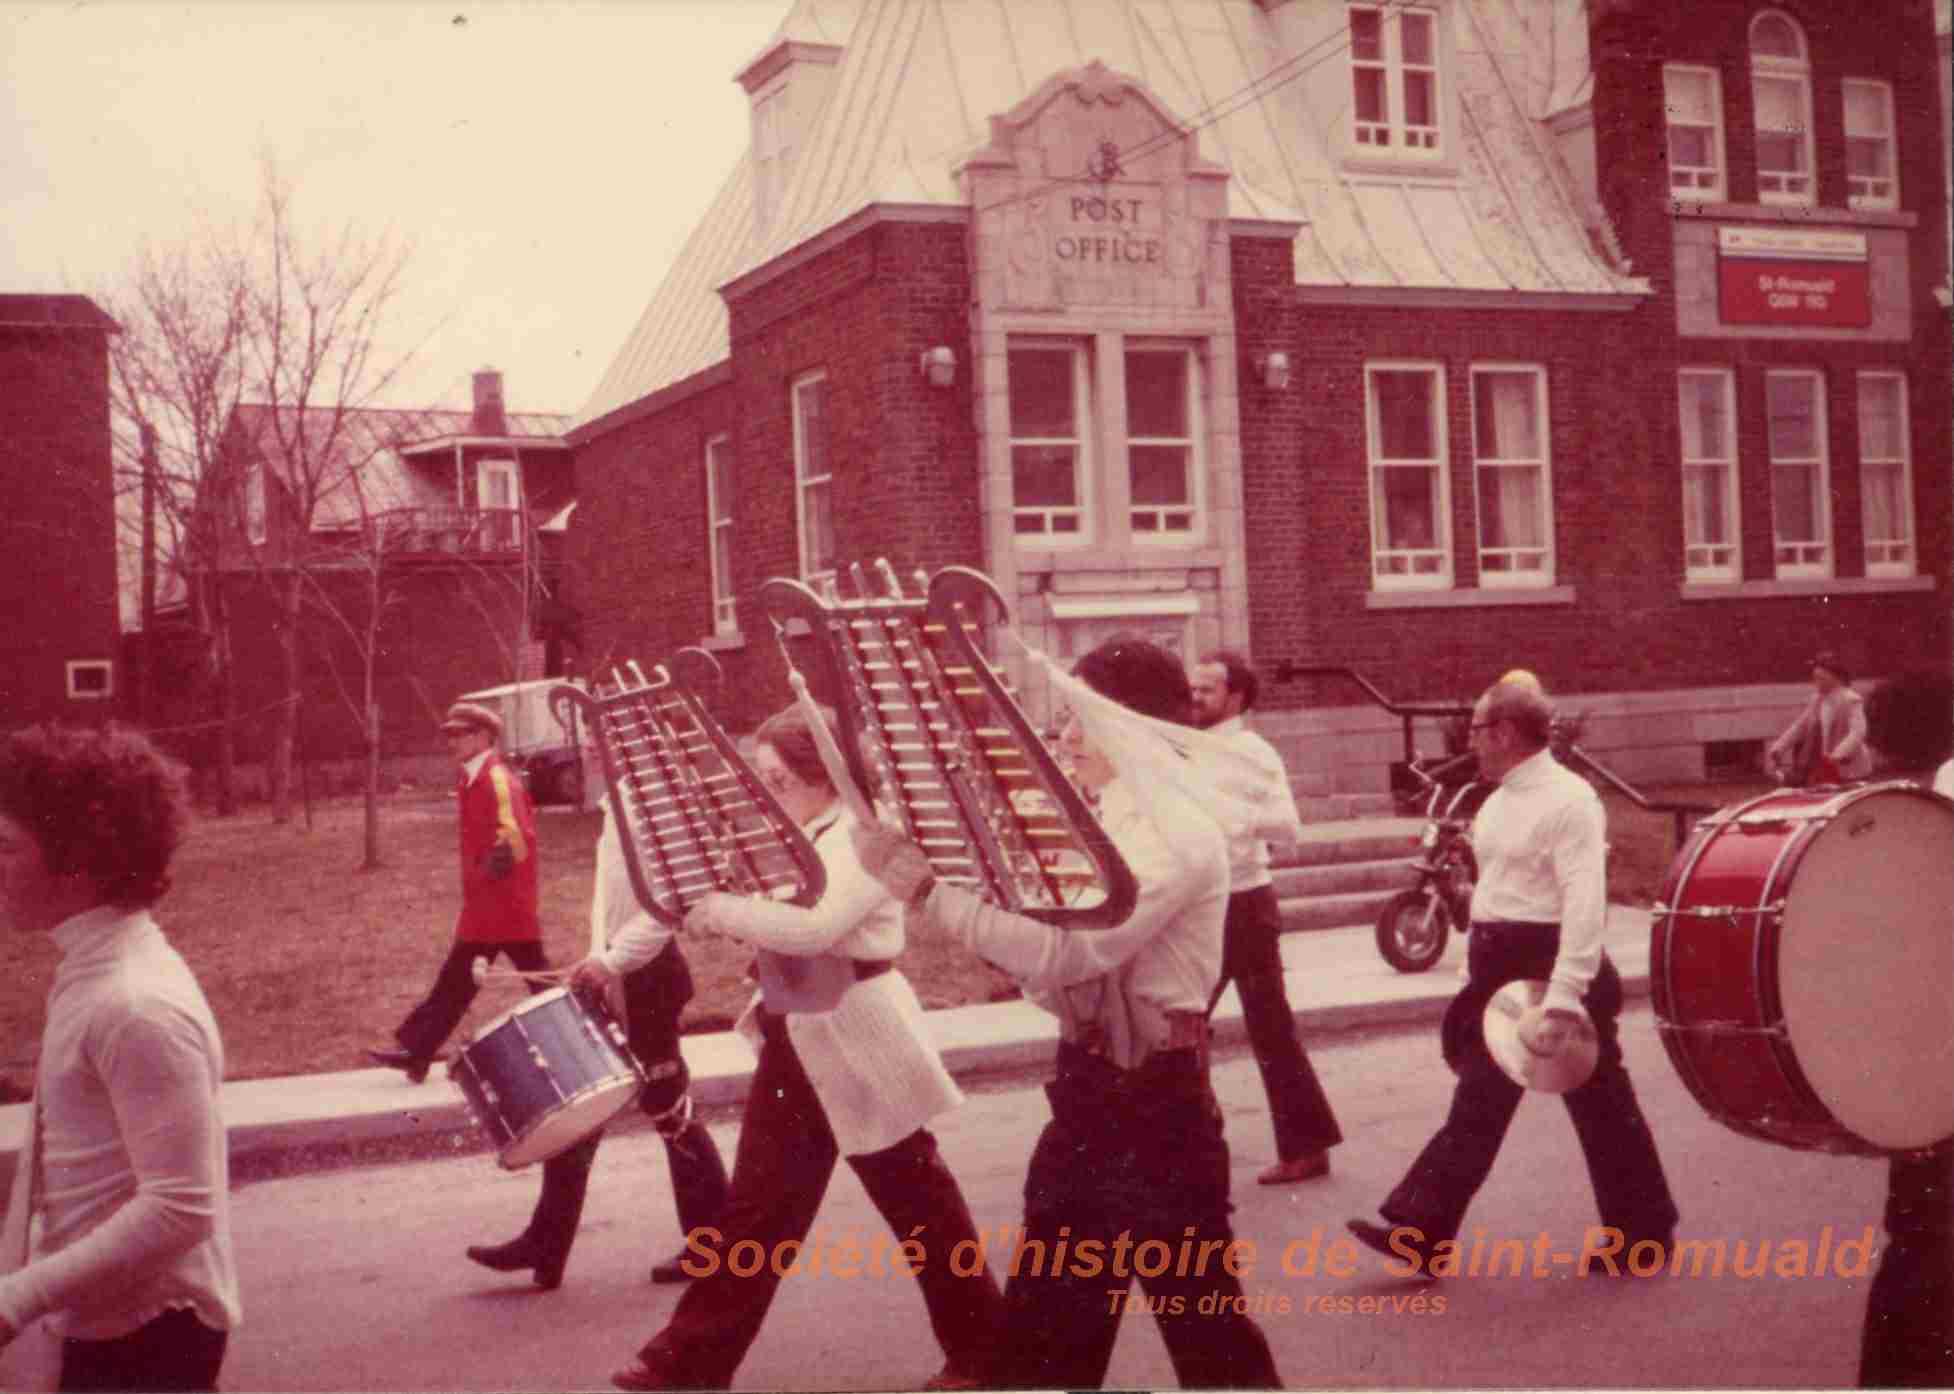 1980. Parade